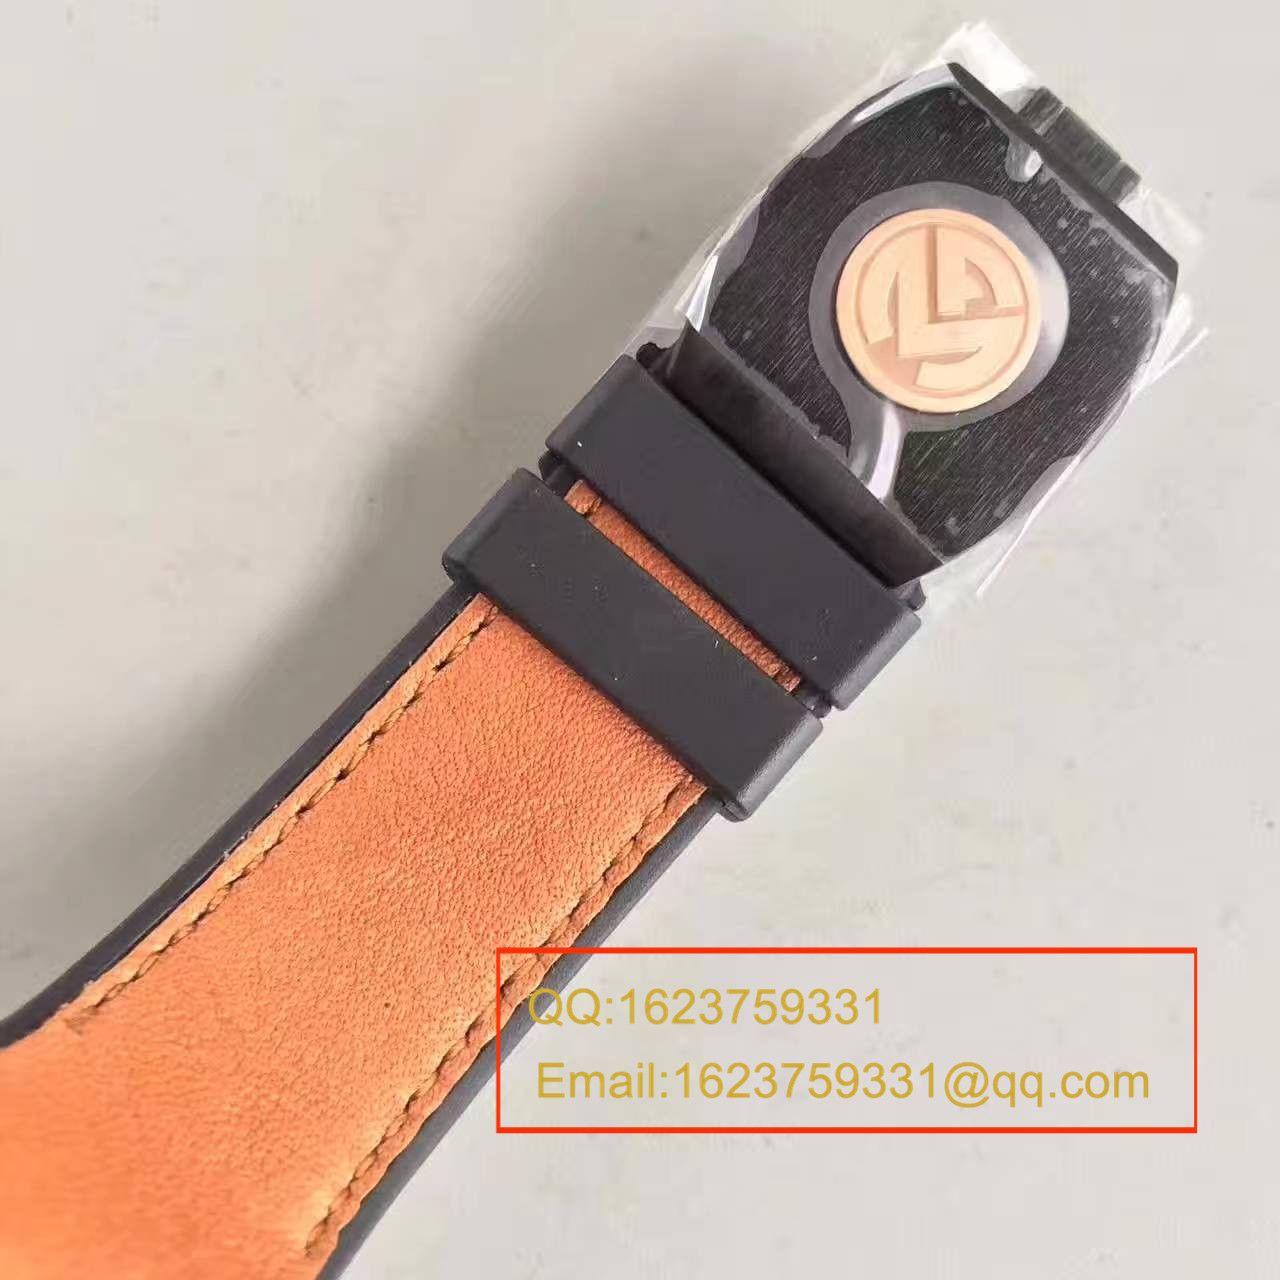 【LE顶级复刻手表】法兰克穆勒MEN'S COLLECTION系列V45 CC DT TT NR BR 5N腕表 / CAFL018